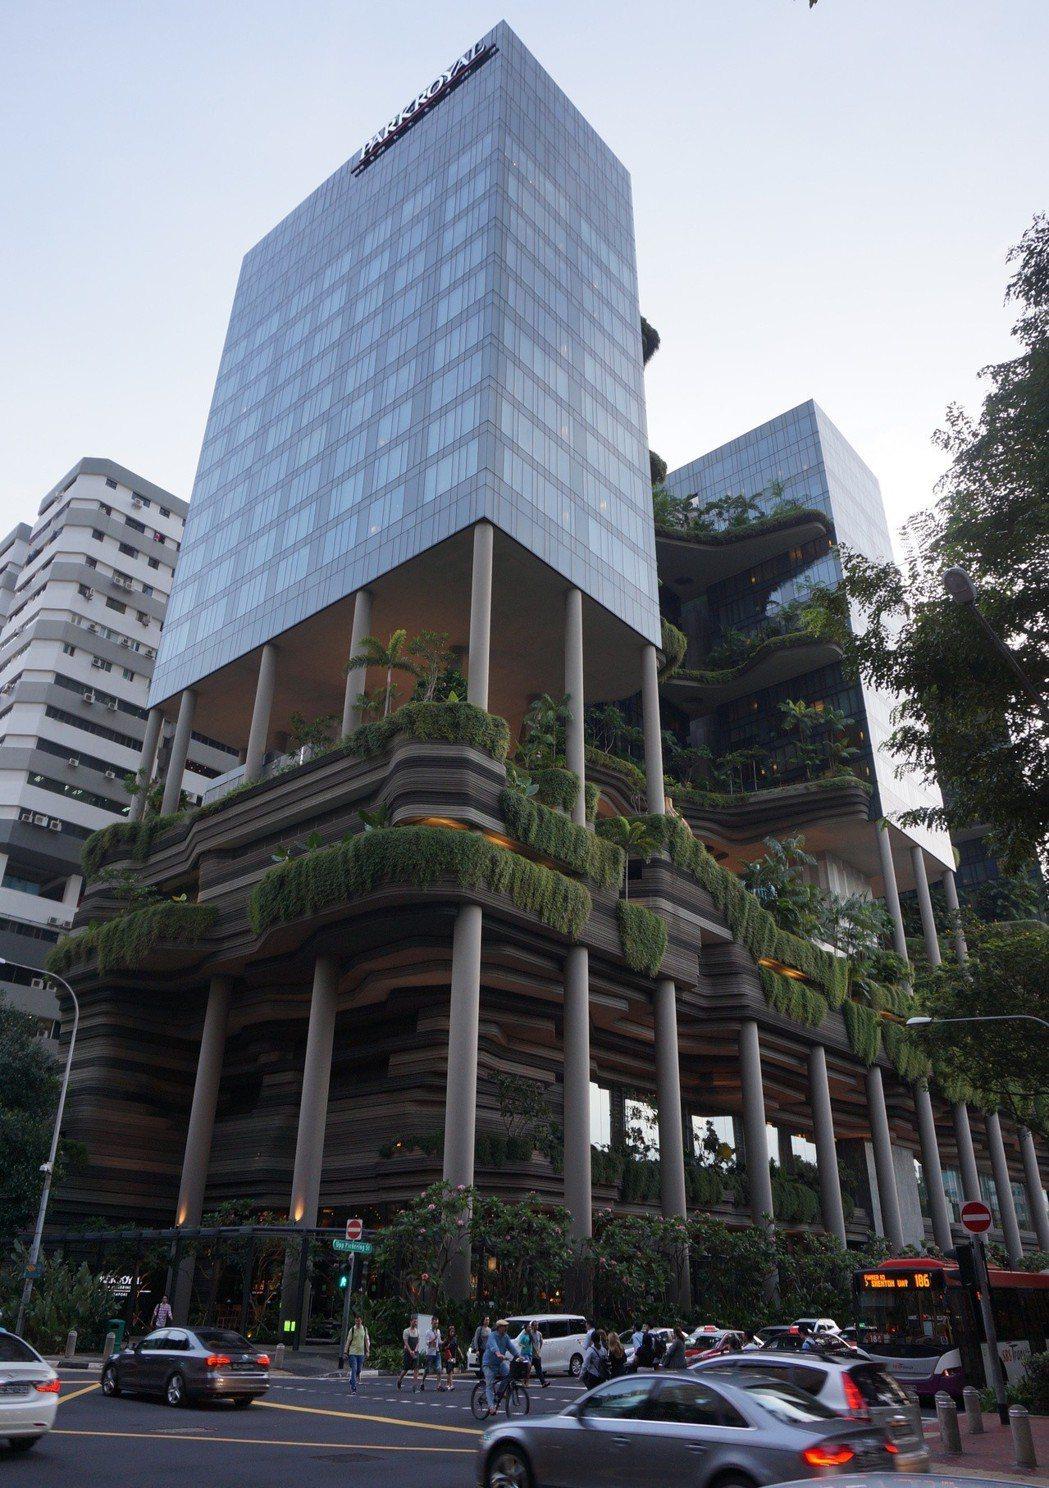 台中市仿效新加坡垂直綠化,修法獎勵都市建築綠化;該草案在內政部遭保留,市府今再通...